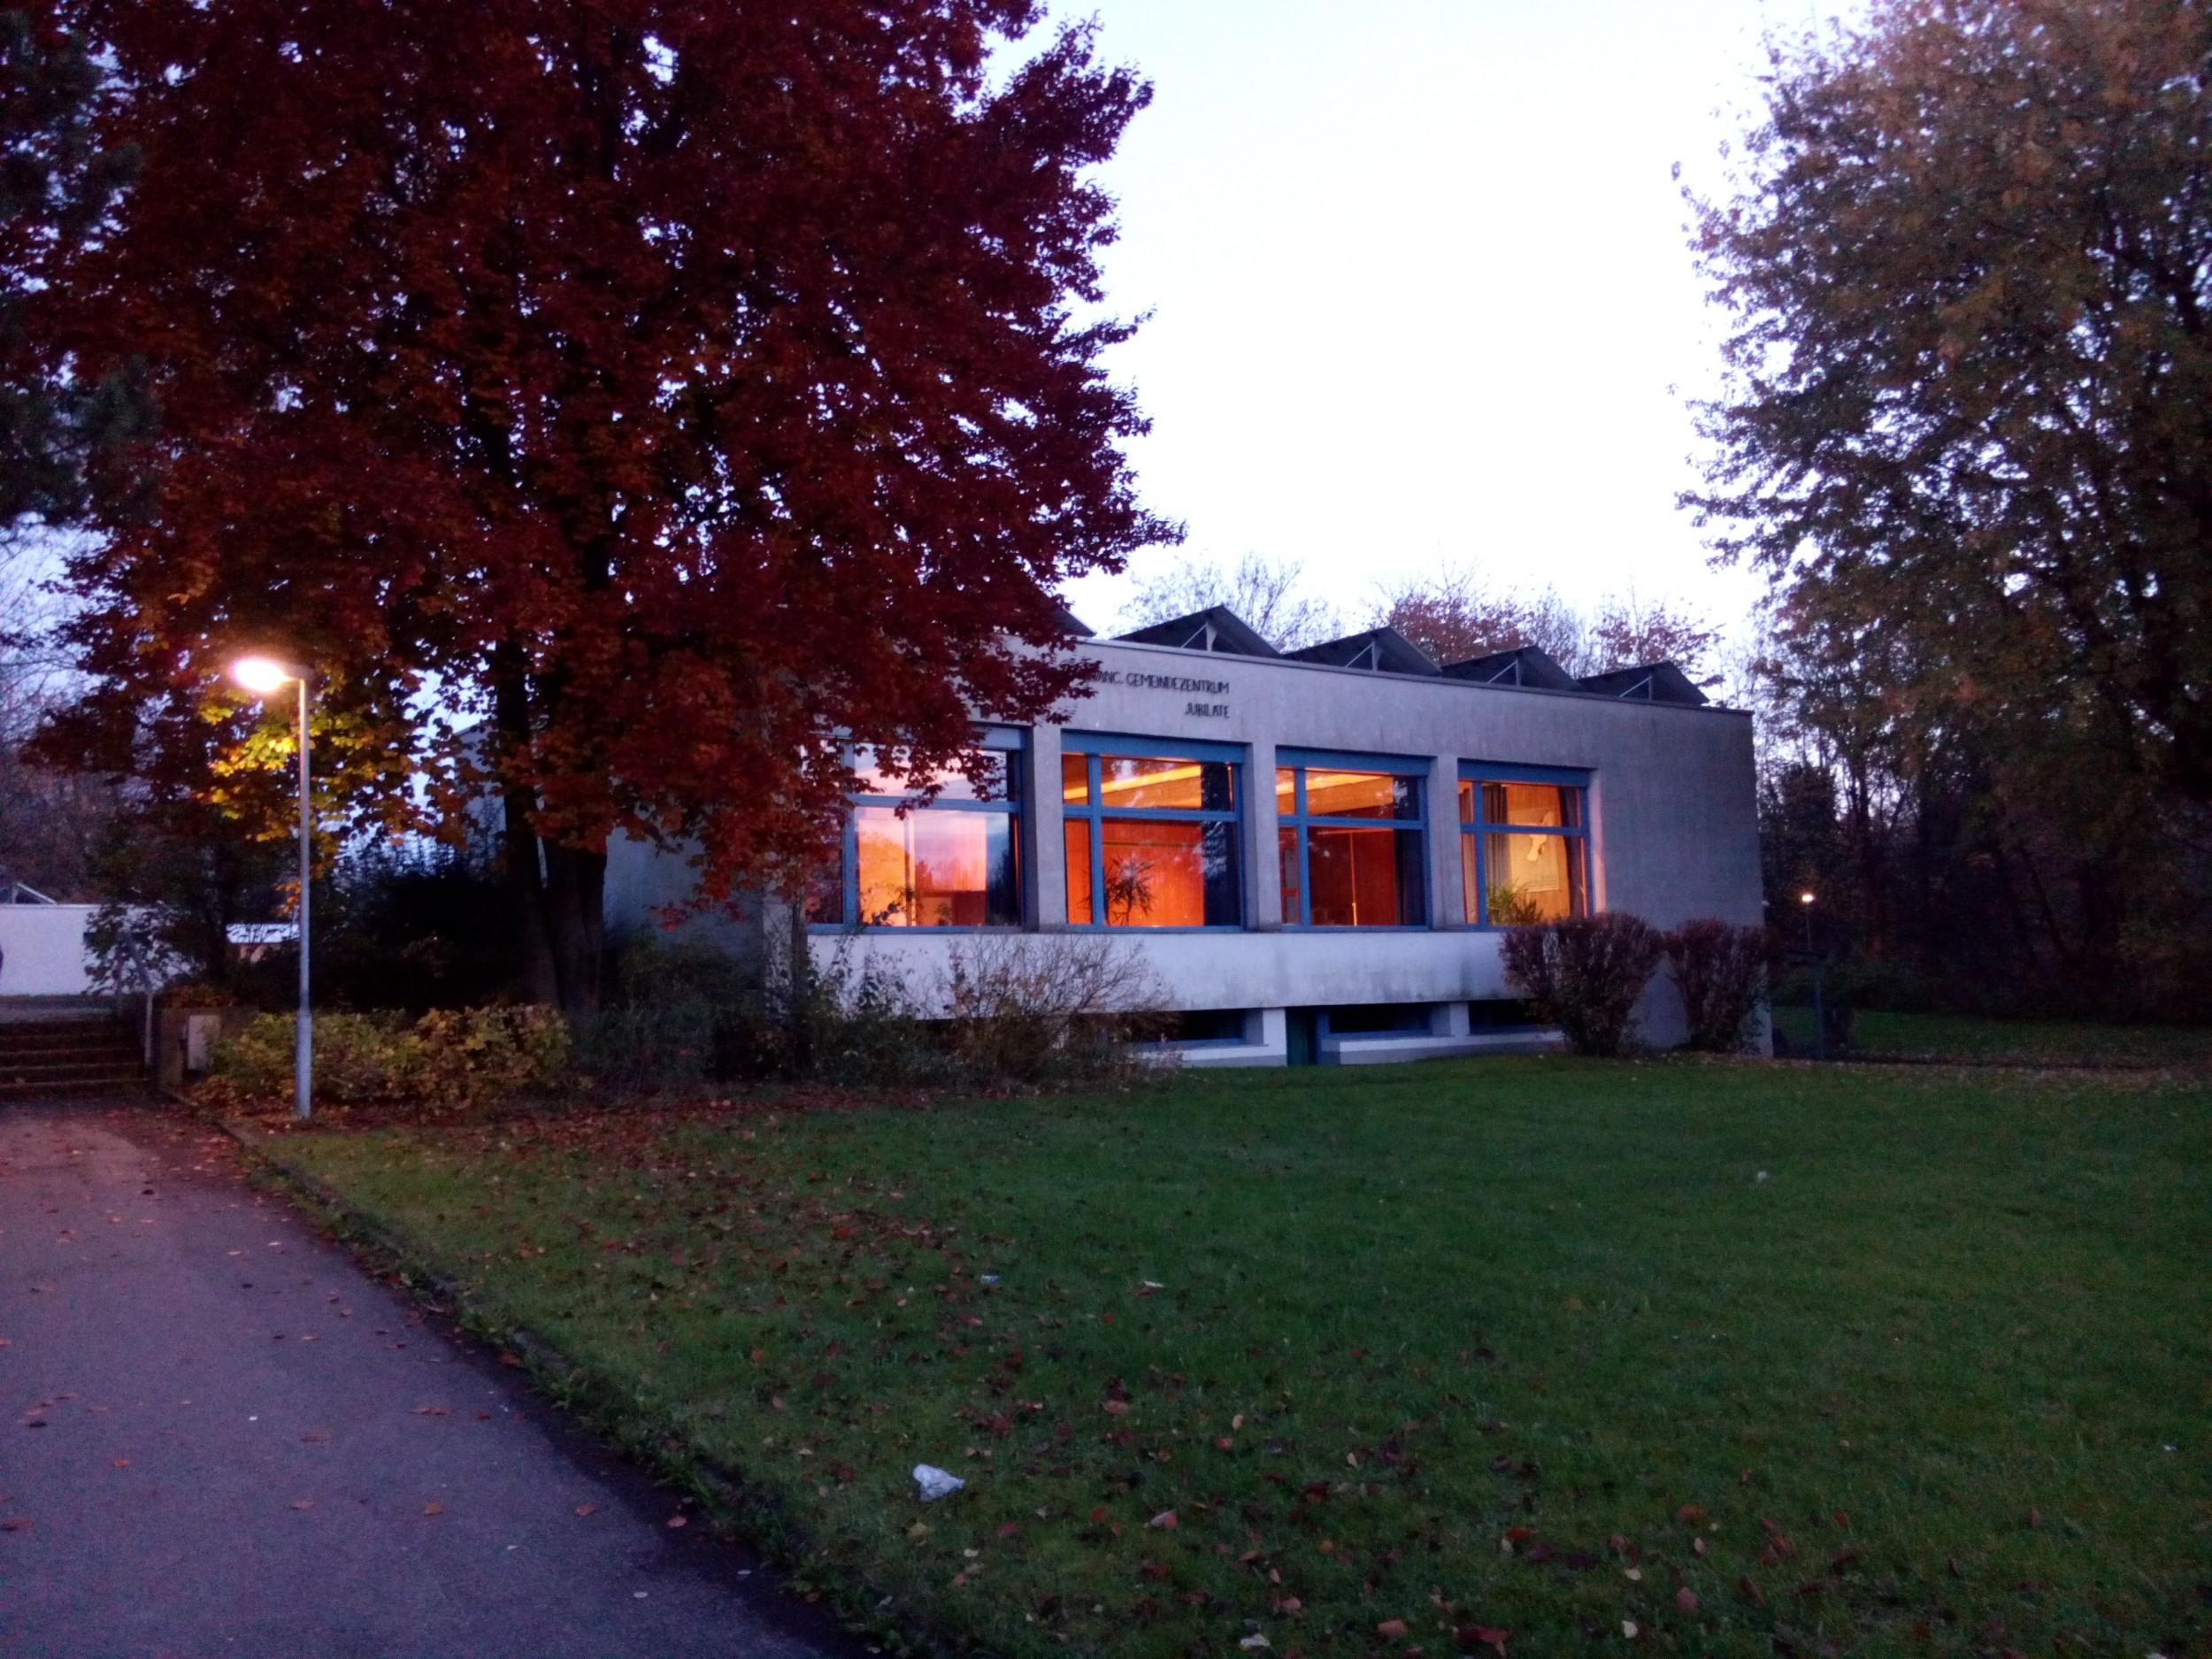 jubilate-gemeindehaus